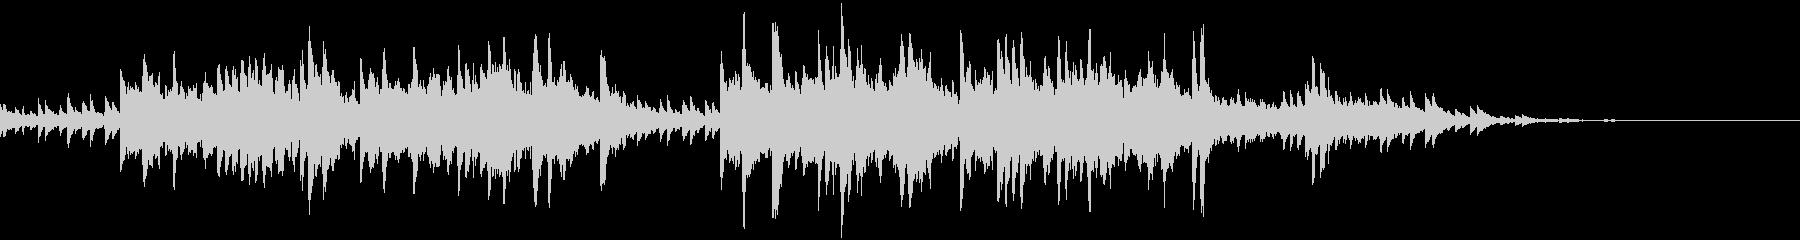 静かな探索シーン向けピアノBGMの未再生の波形